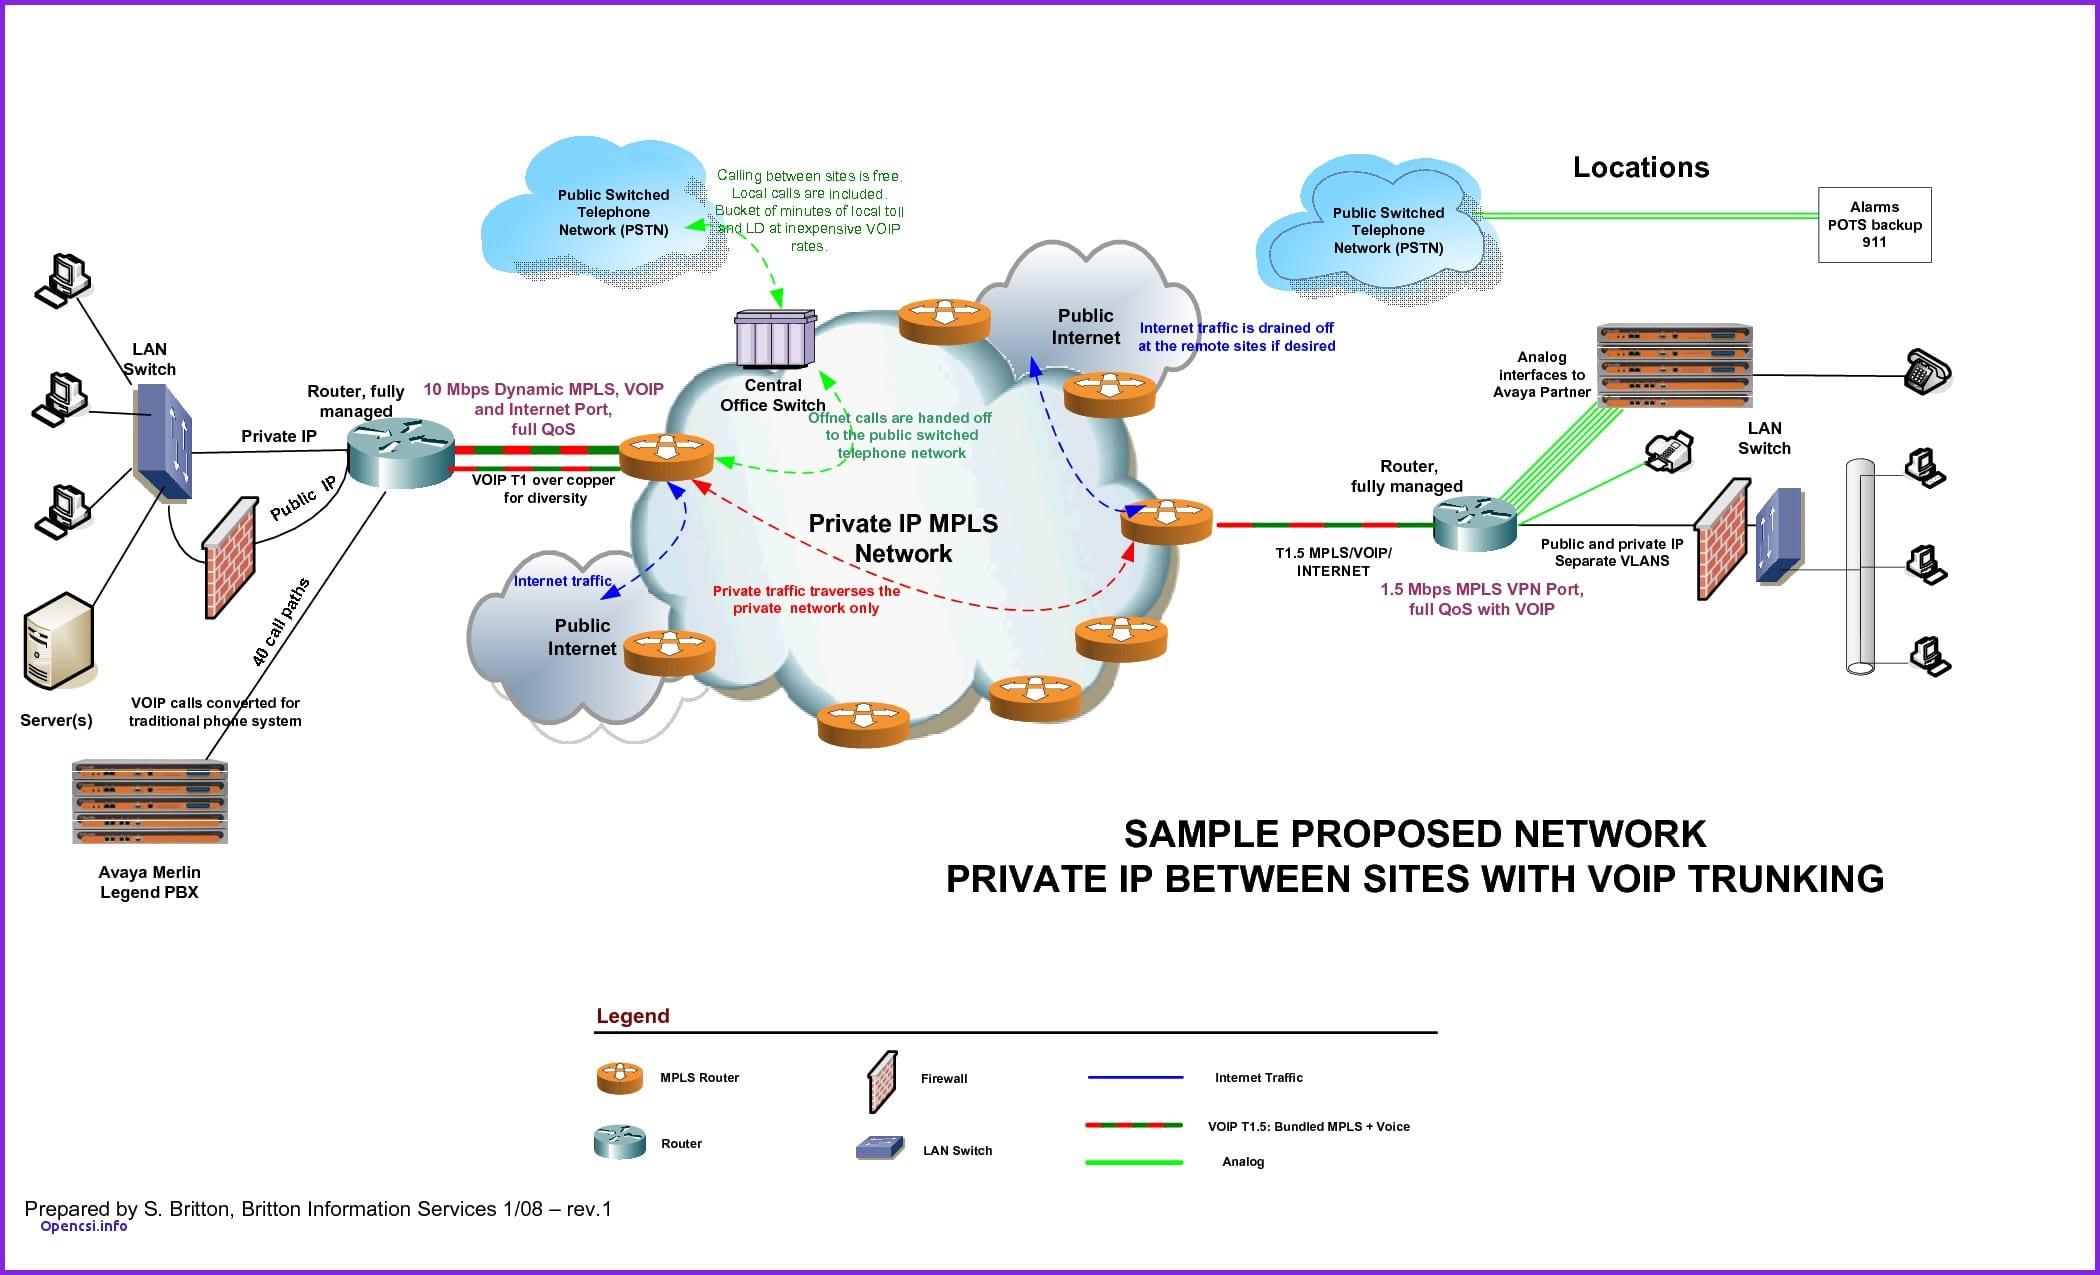 Visio Diagram Templates Free